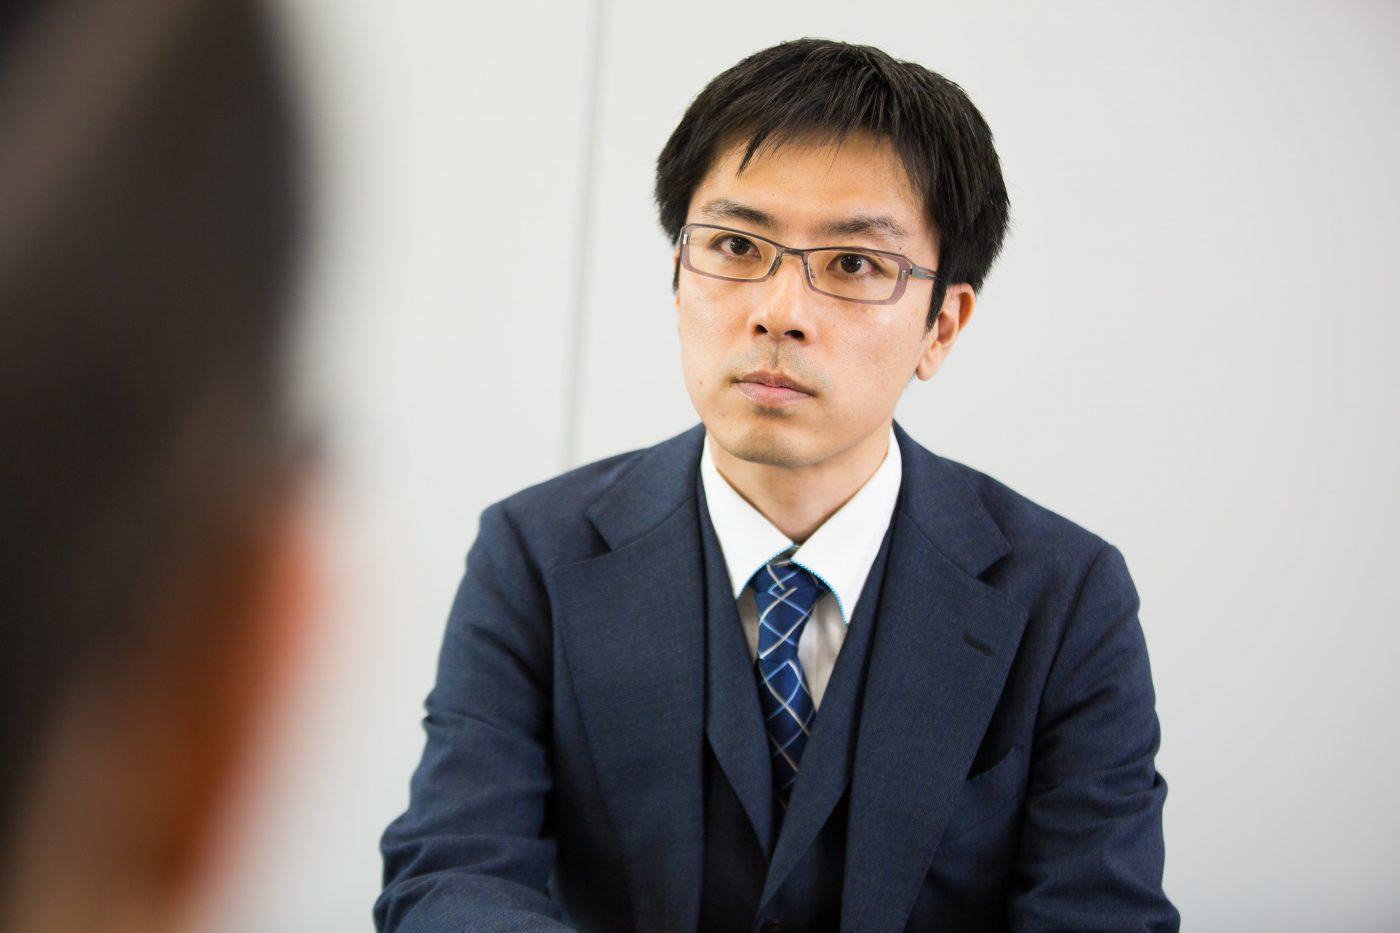 日本におけるユニコーン企業というと、メルカリの印象が強い。反対に、メルカリ以外の名前がなかなか挙がらないとも言える。それでは、そんな日本にユニコーン企業が続々と登場したとしたら。日本は、どんな世の中になるのだろうか。